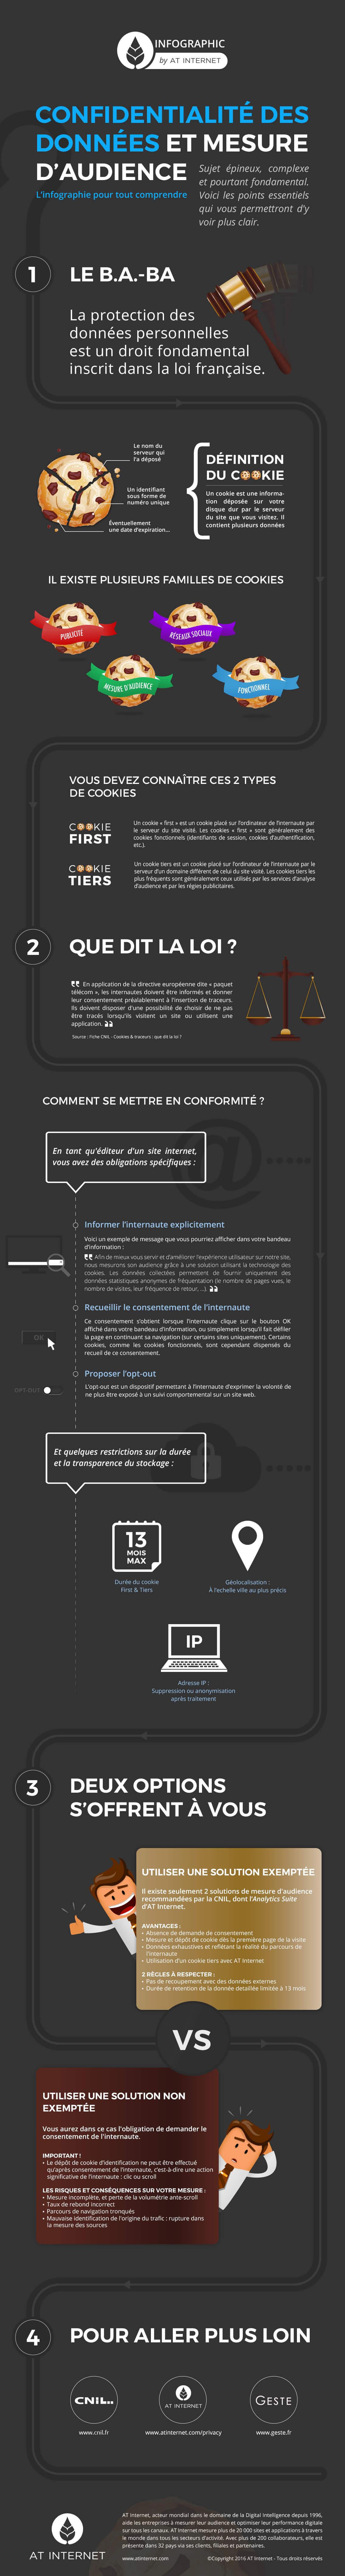 Confidentialité des données, protection des données et mesure d'audience - Infographie